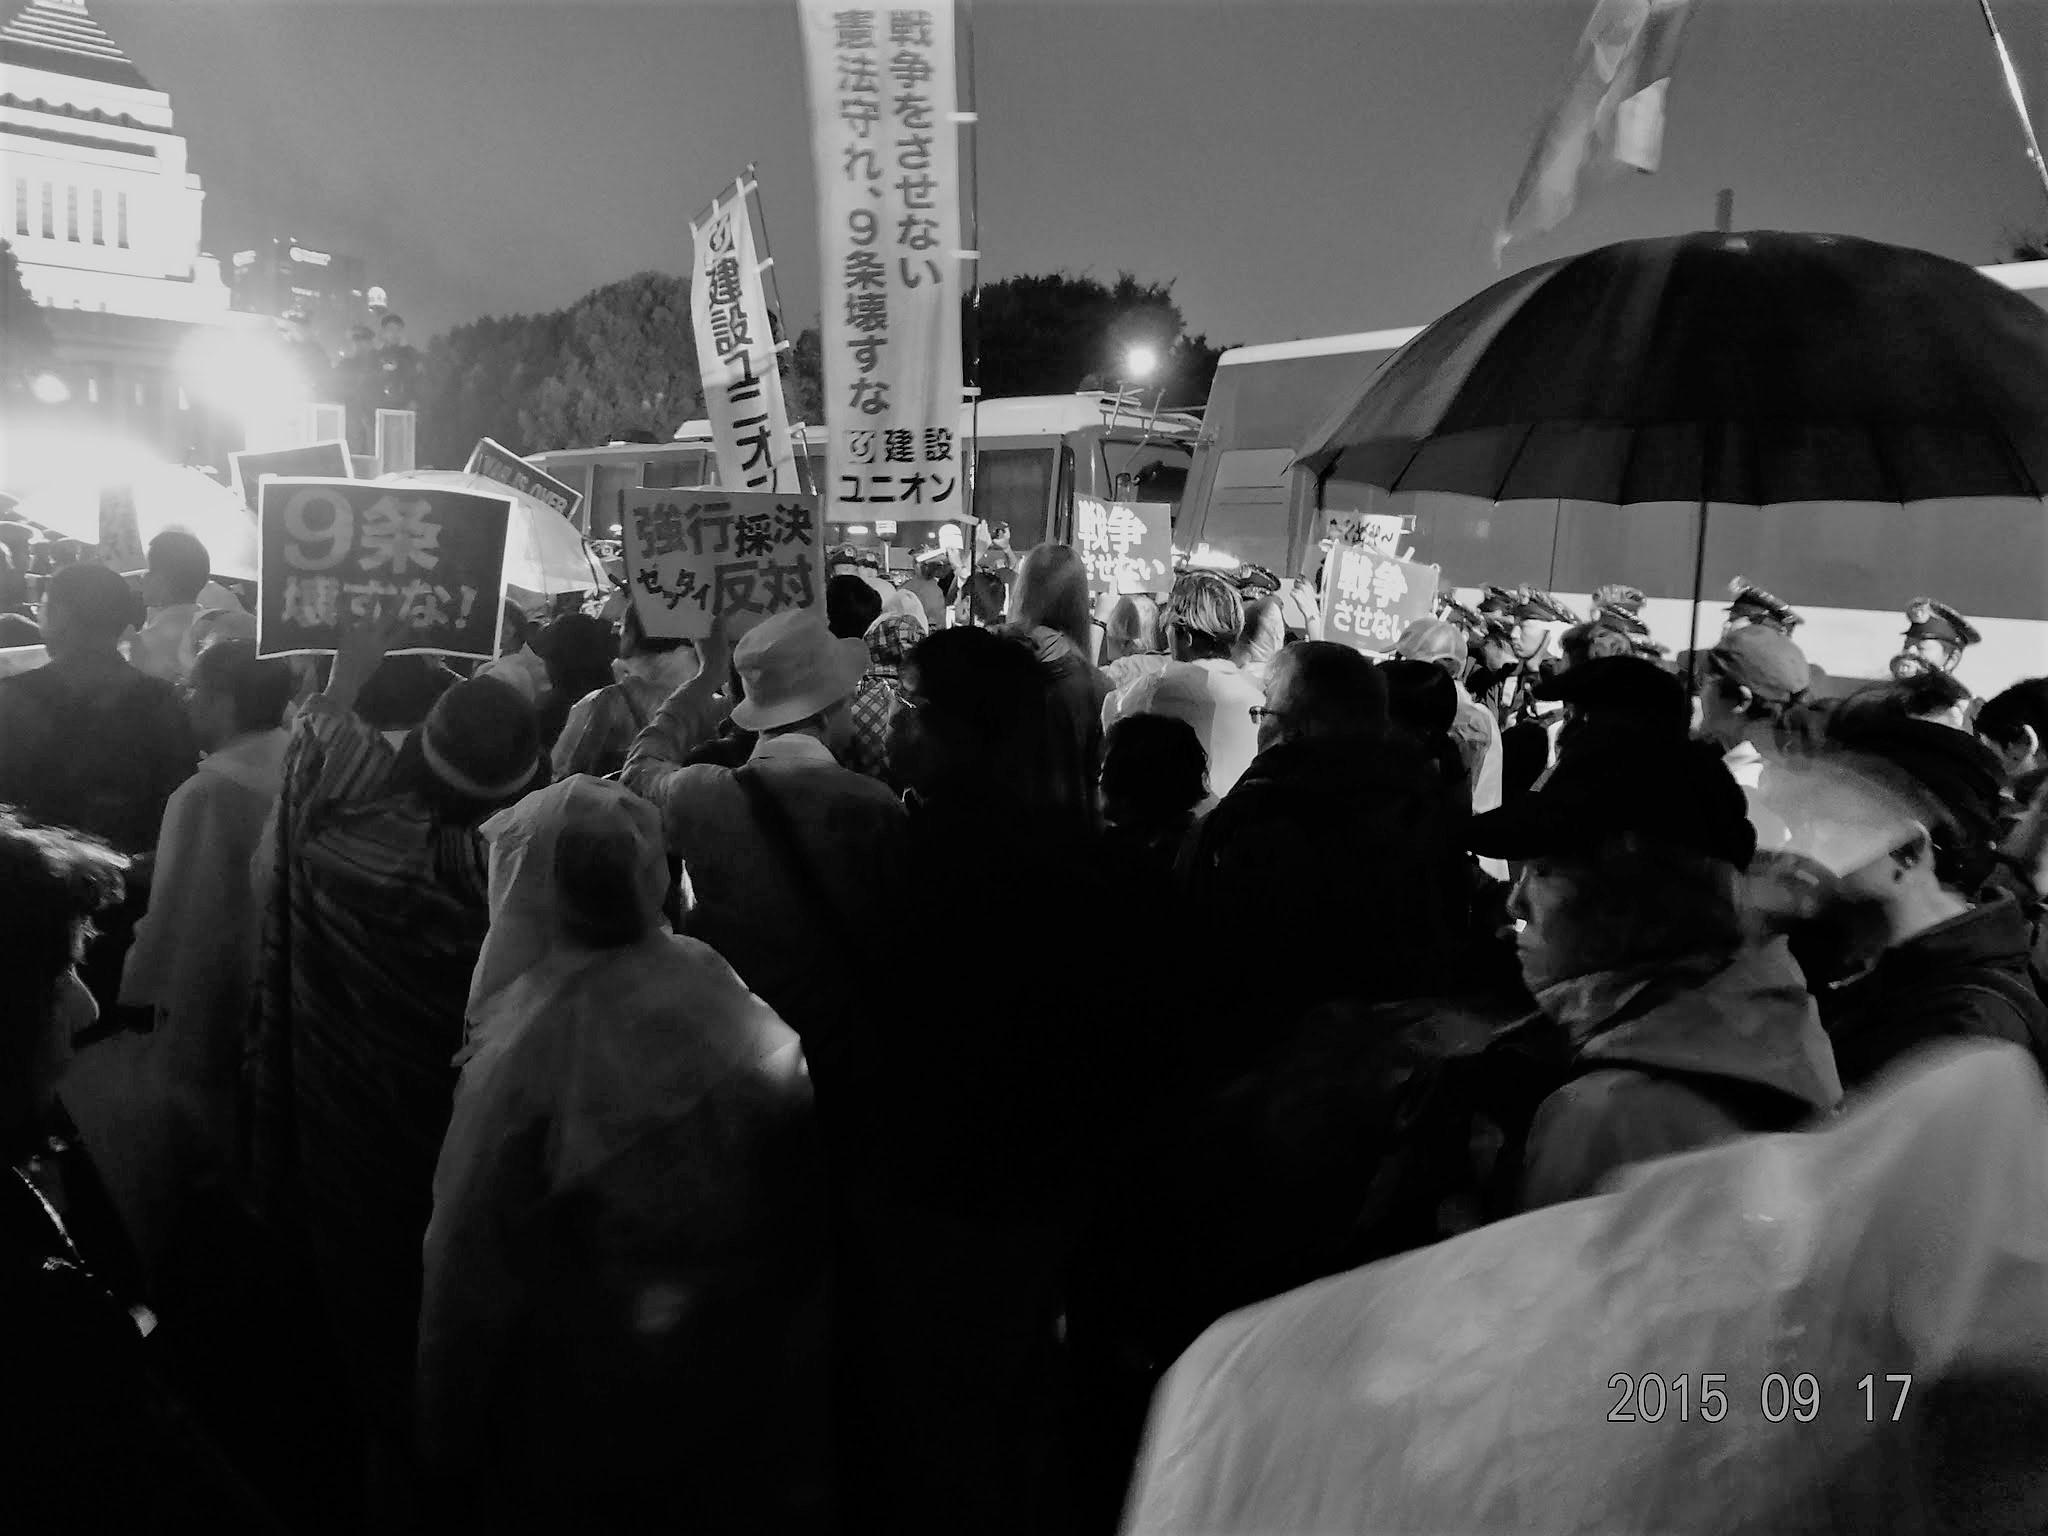 2015年09月17日 国会正門前